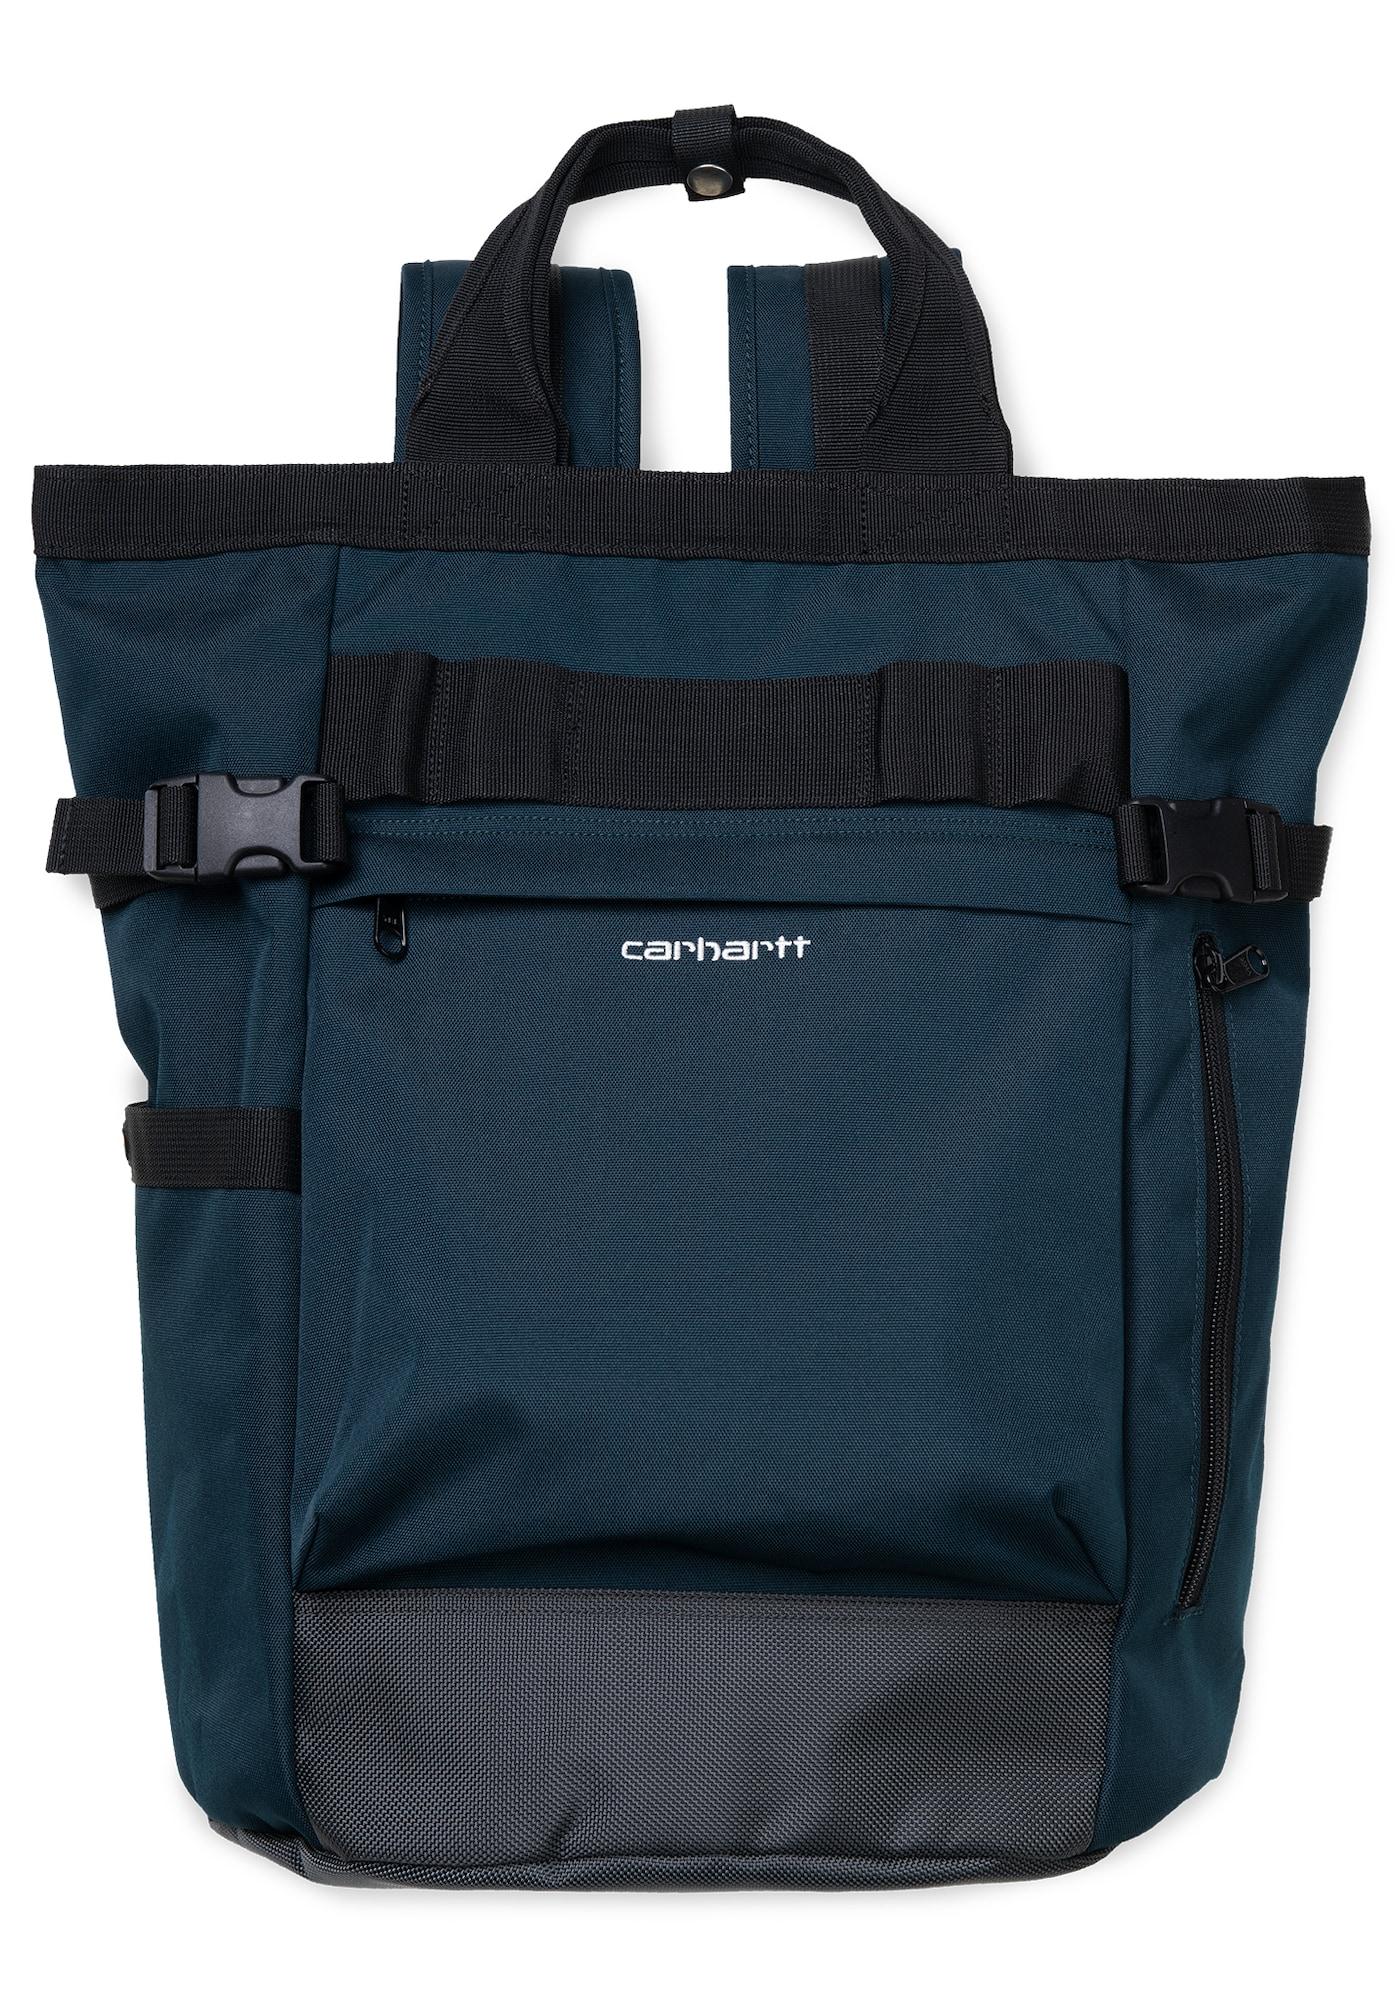 Payton Carrier 24L Rucksack | Taschen > Rucksäcke > Sonstige Rucksäcke | Carhartt WIP